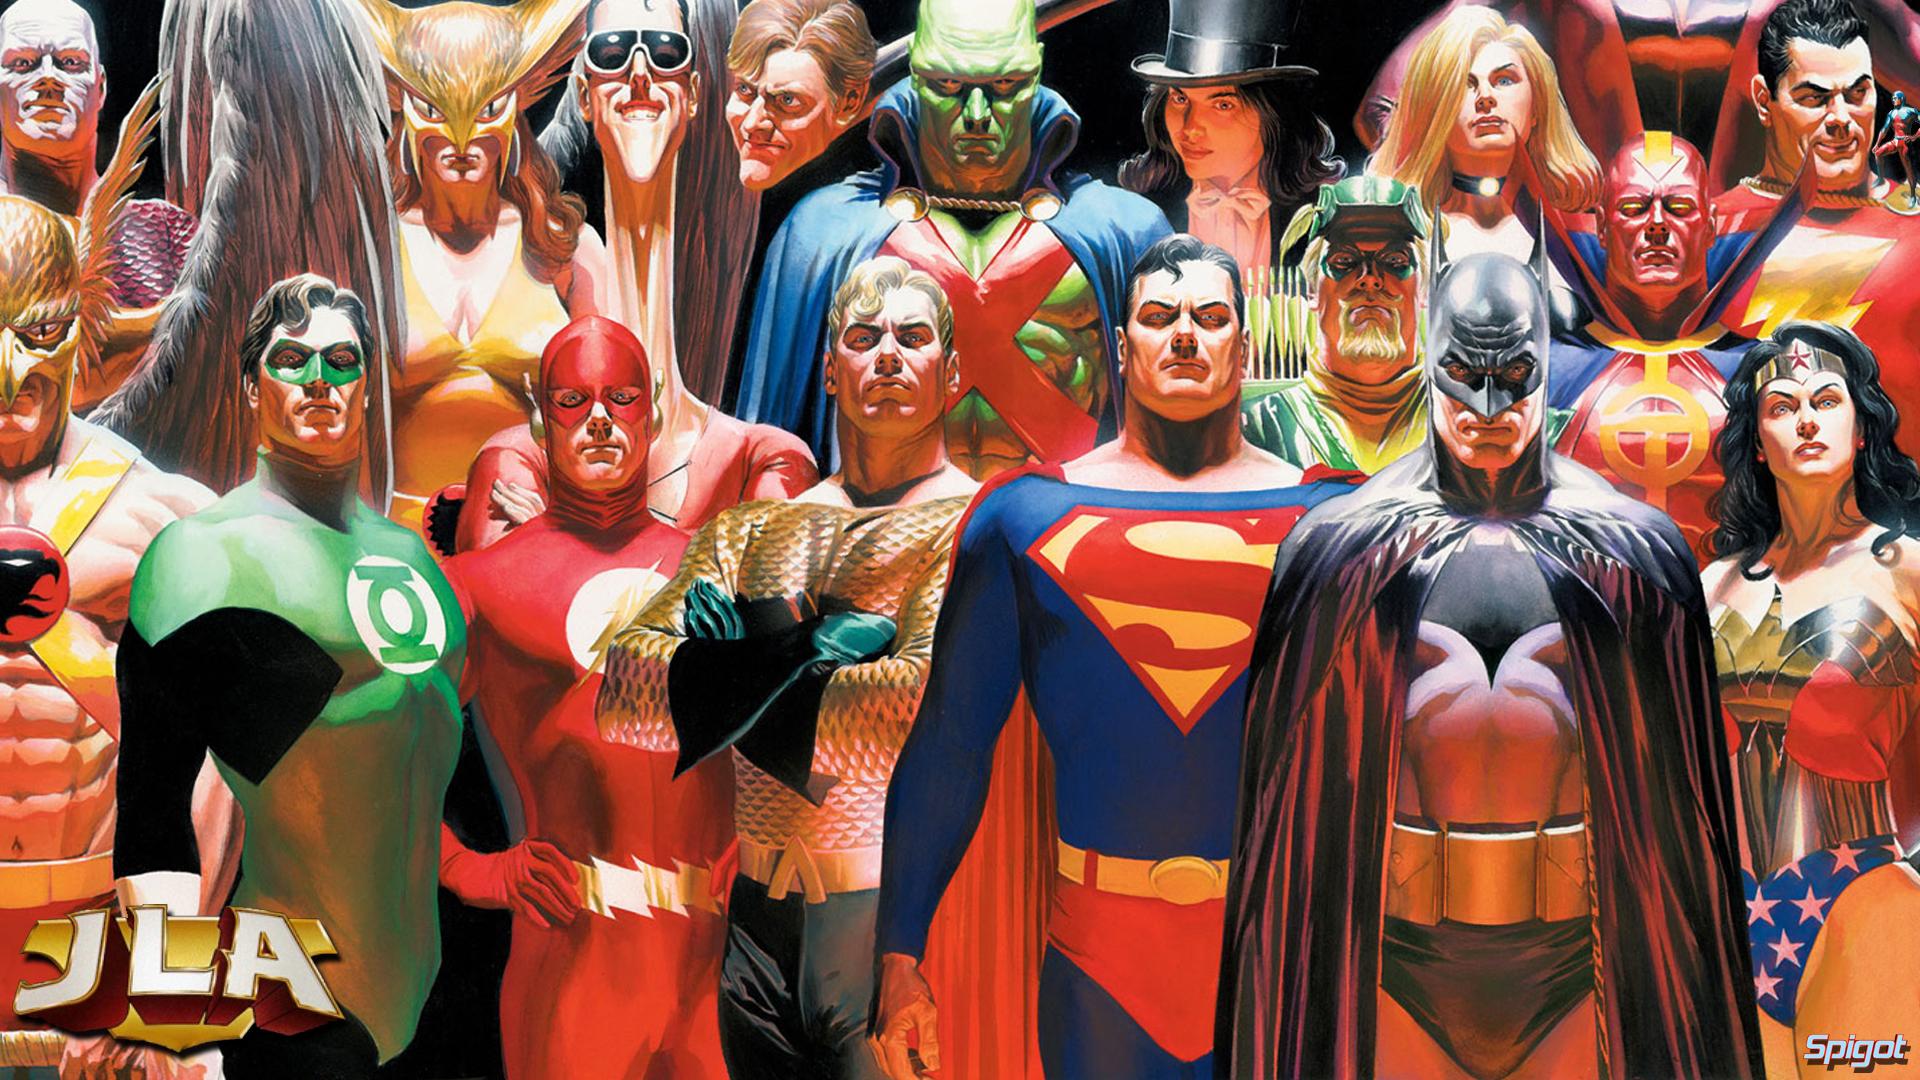 Justice League George Spigot S Blog